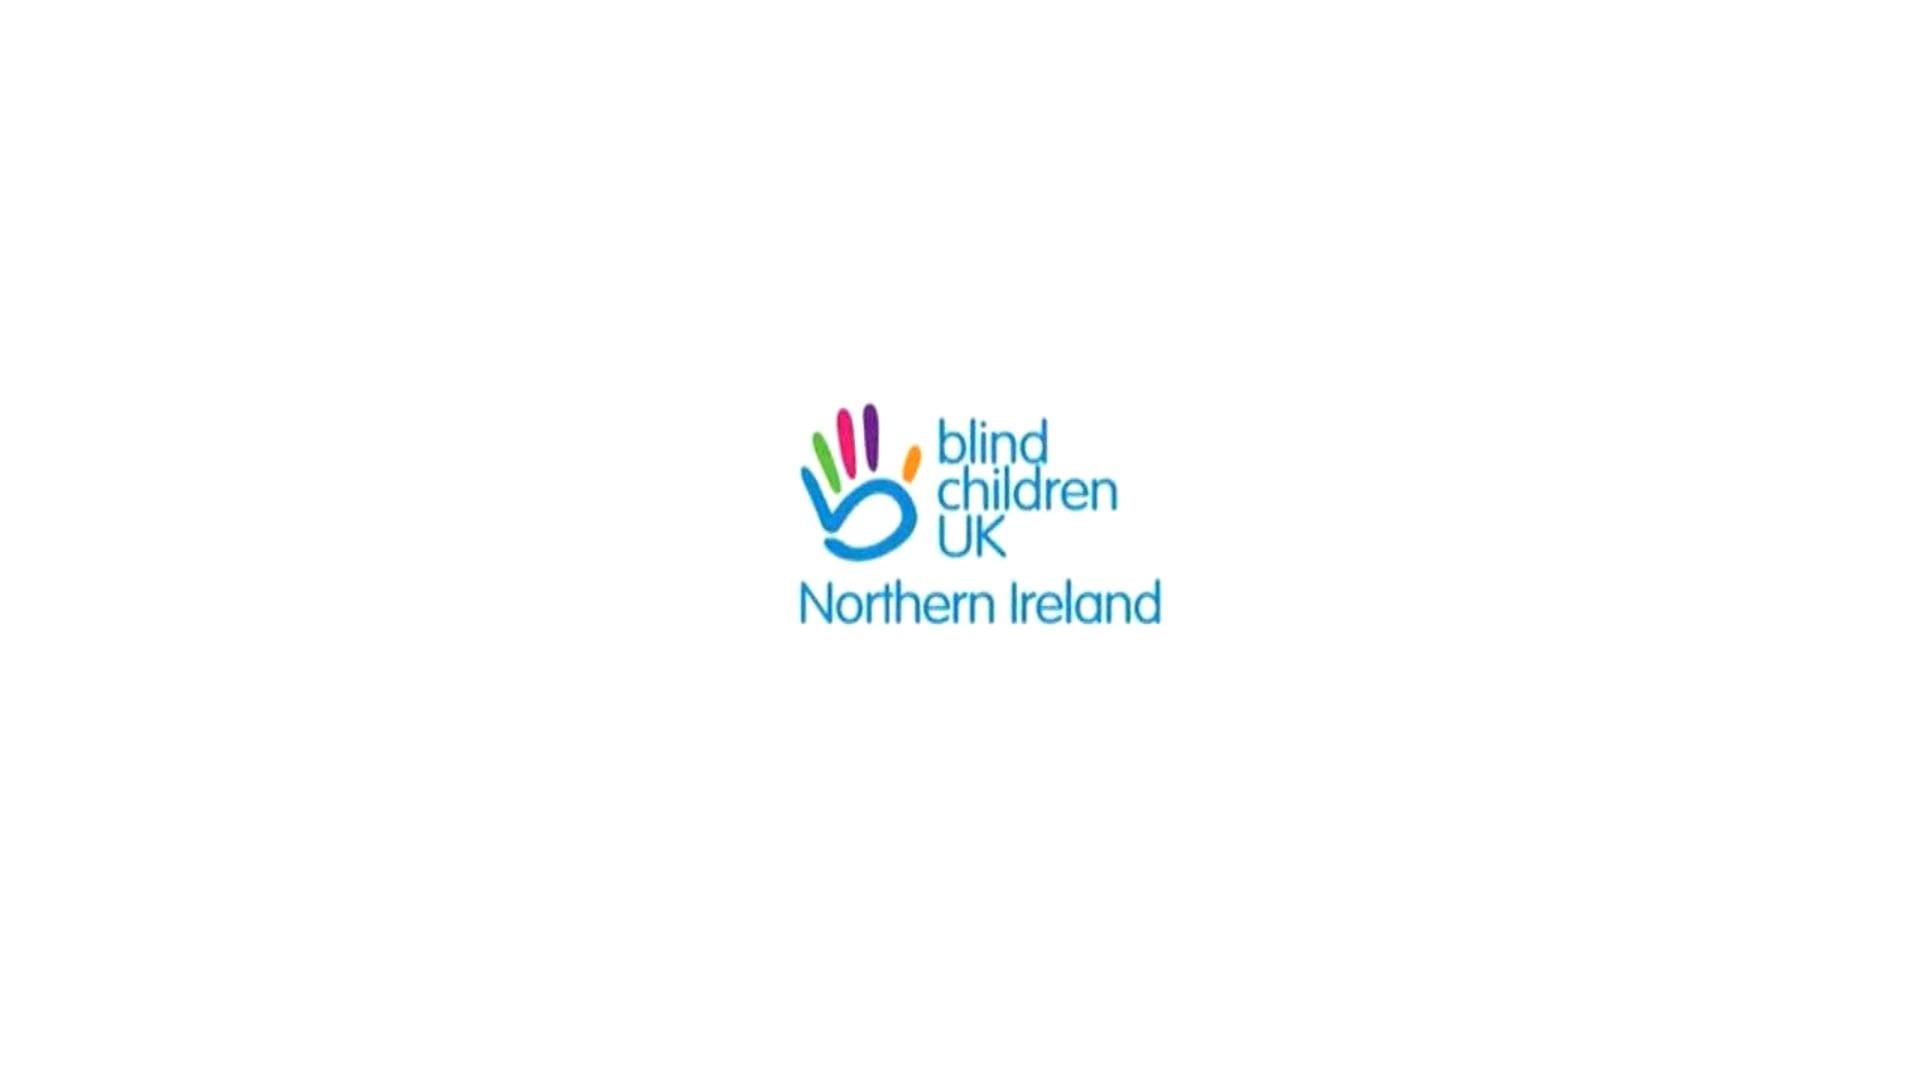 Blind Children UK- Northern Ireland